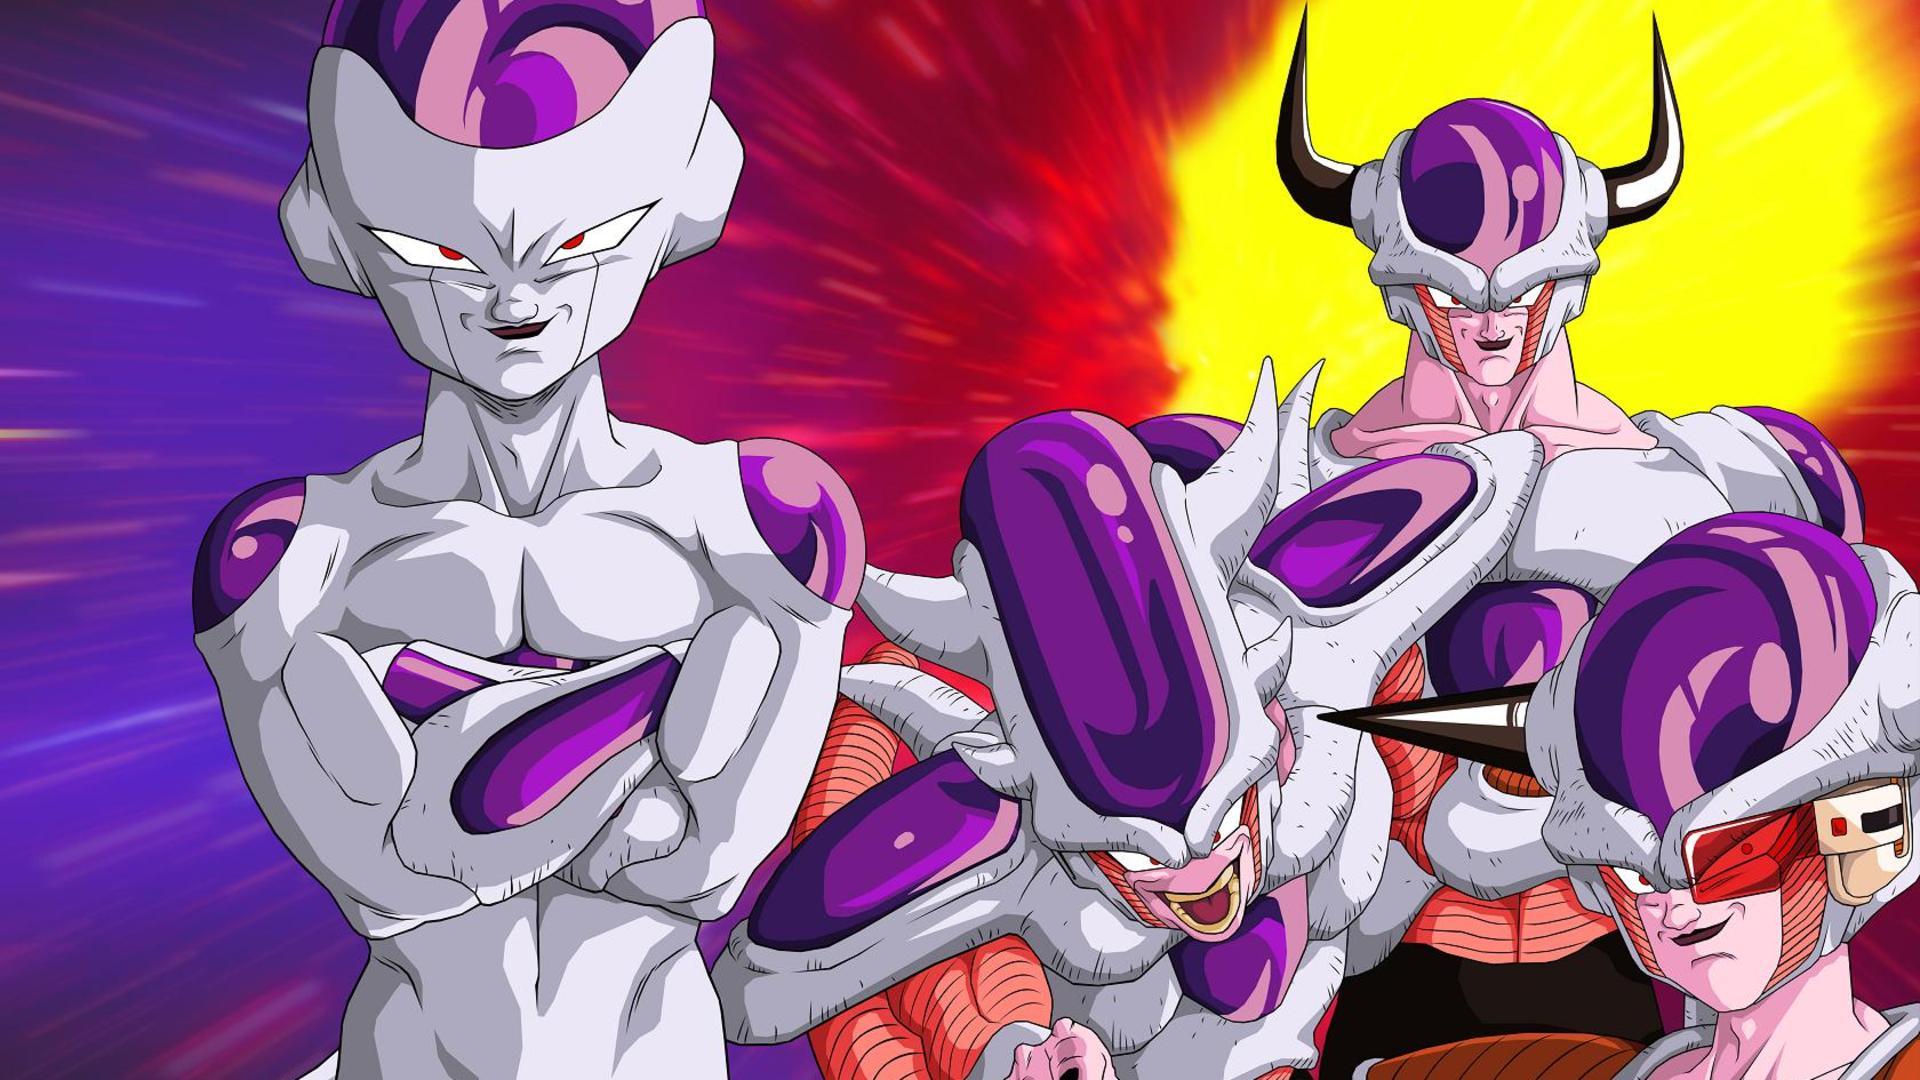 Dragon Ball Z wallpaper 19